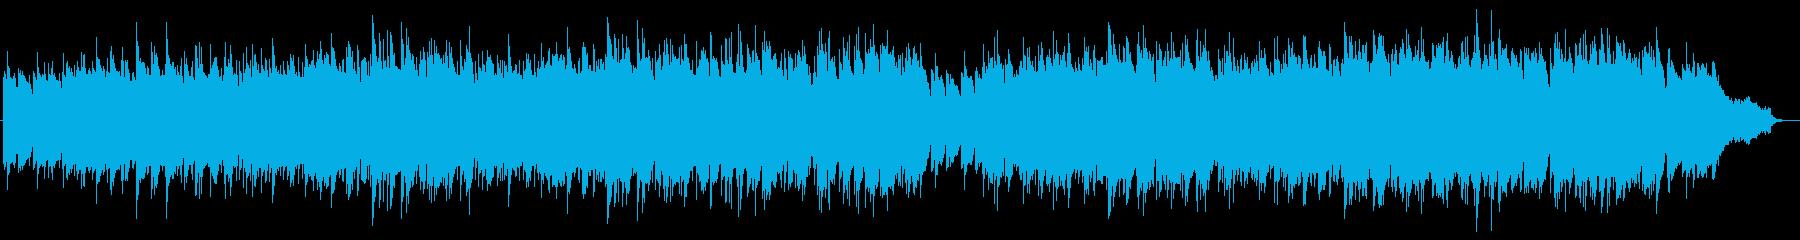 CM/アコギ&ピアノ/爽やか/ほのぼのの再生済みの波形